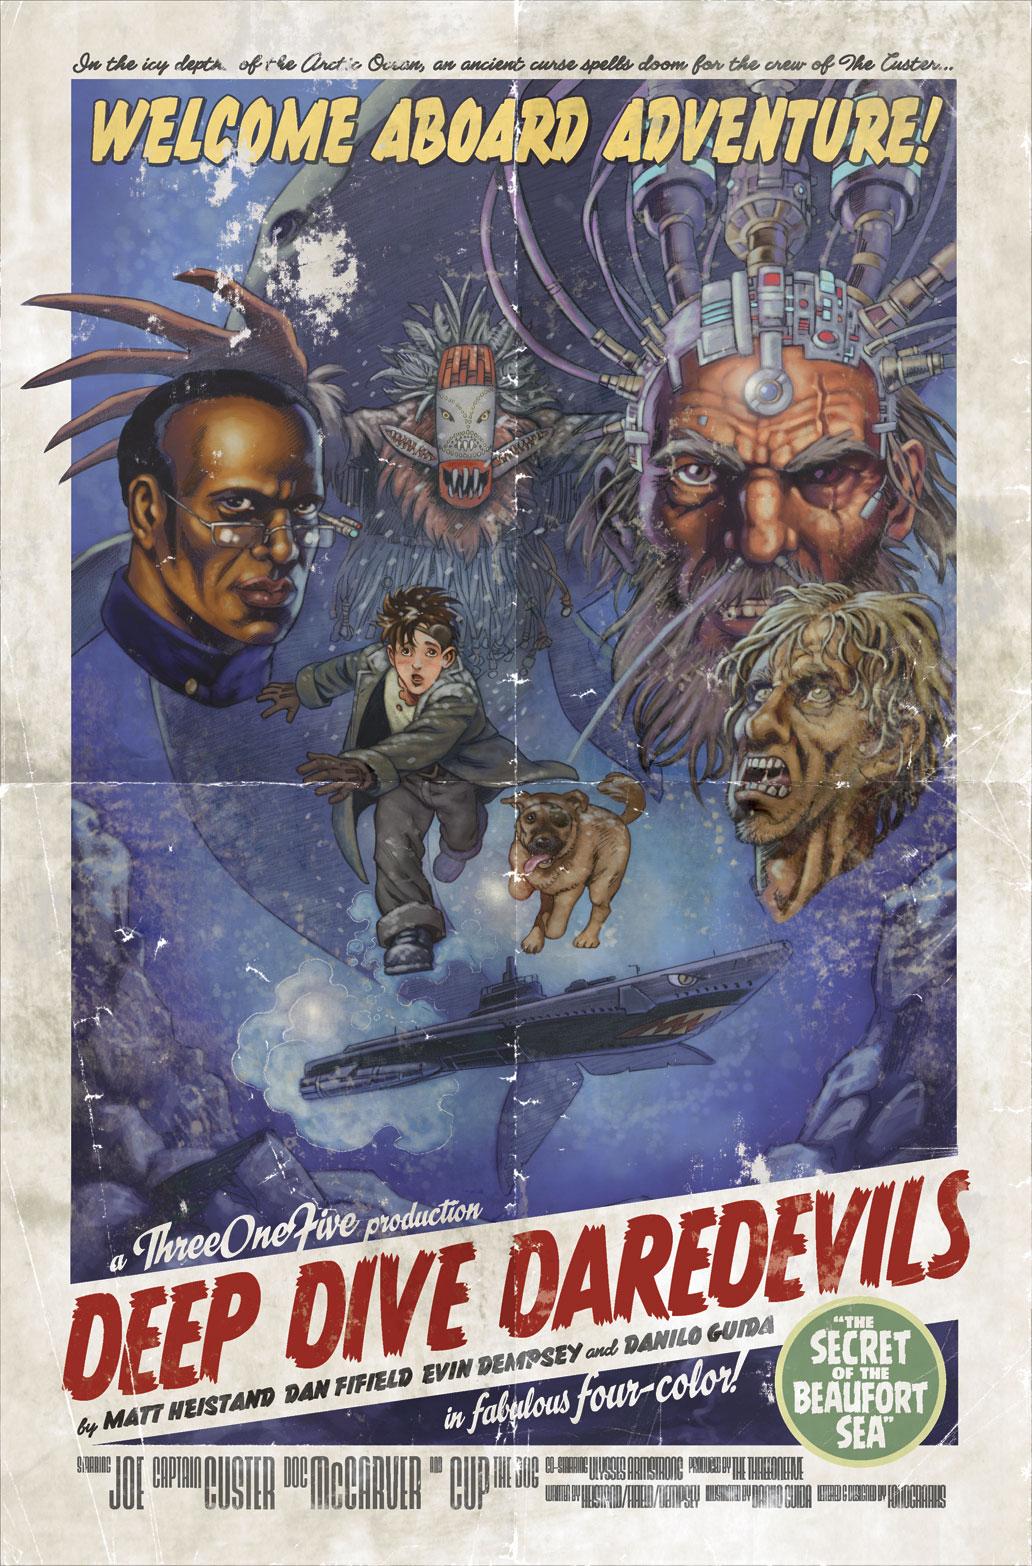 Deep Dive Daredevils